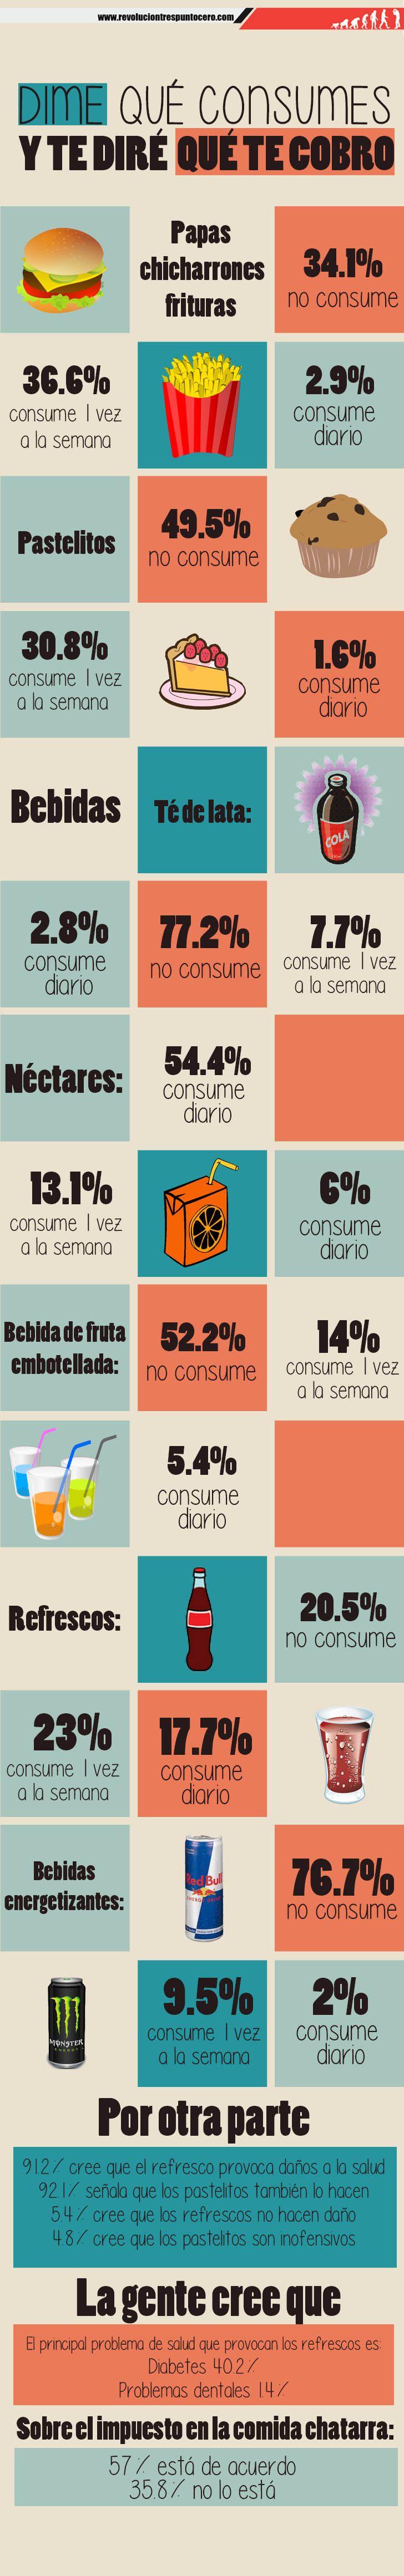 #INFOGRAFÍA ¿Cómo ven los mexicanos la comida chatarra?  http://revoluciontrespuntocero.com/como-ven-los-mexicanos-la-comida-chatarra-infografia/